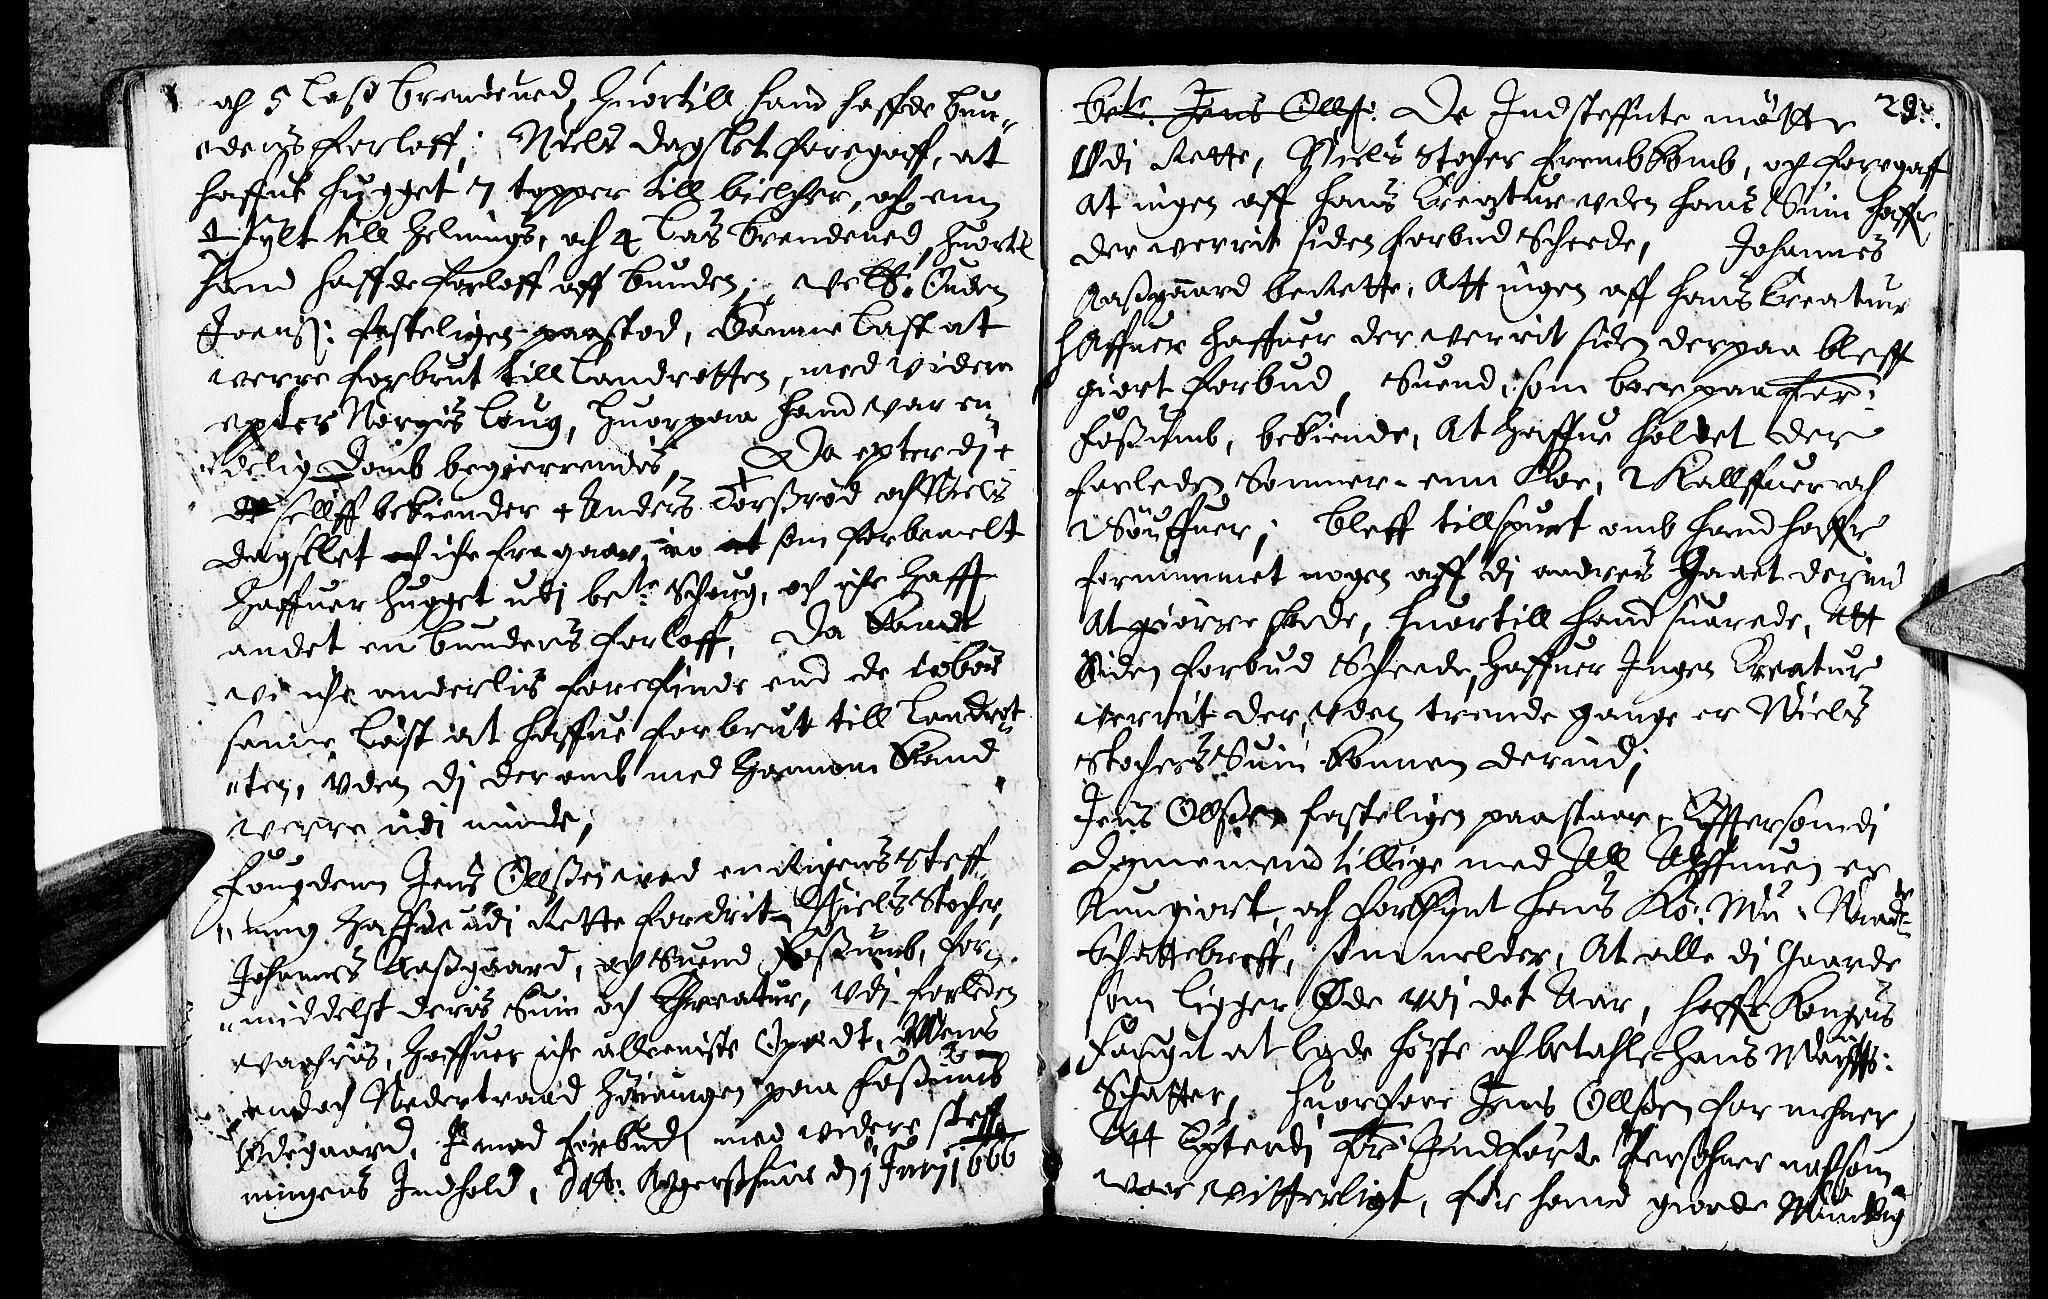 SAKO, Lier, Røyken og Hurum sorenskriveri, F/Fa/L0007: Tingbok, 1666, s. 29